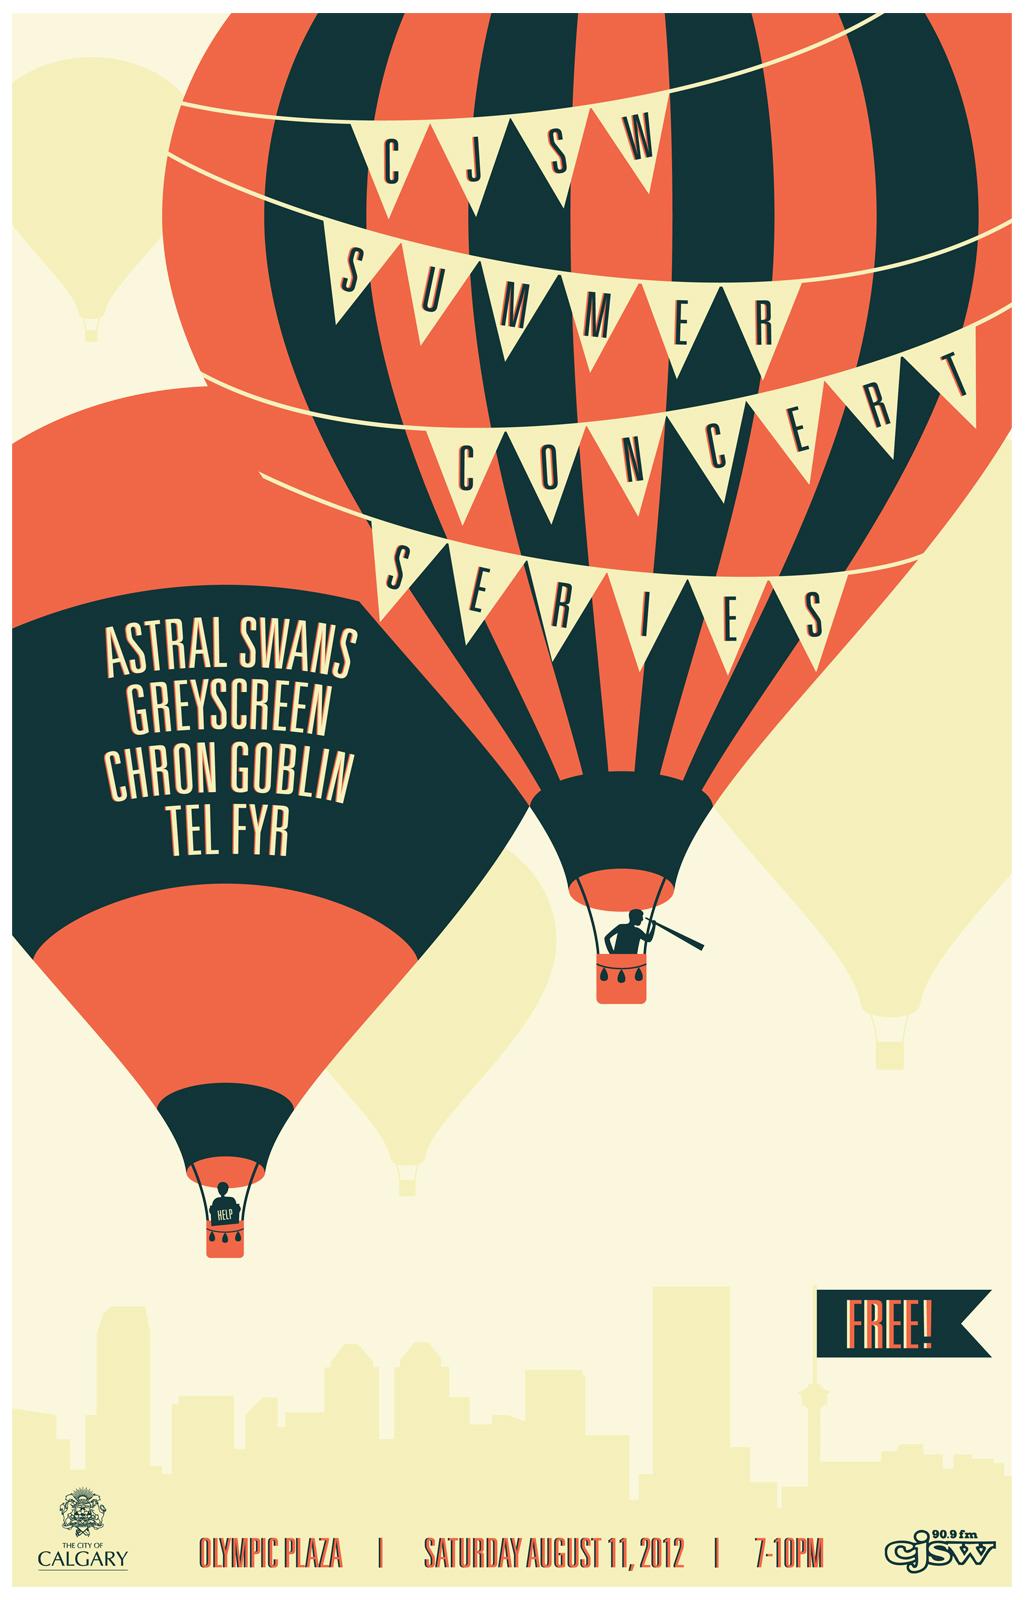 CJSW Summer Concert Series poster